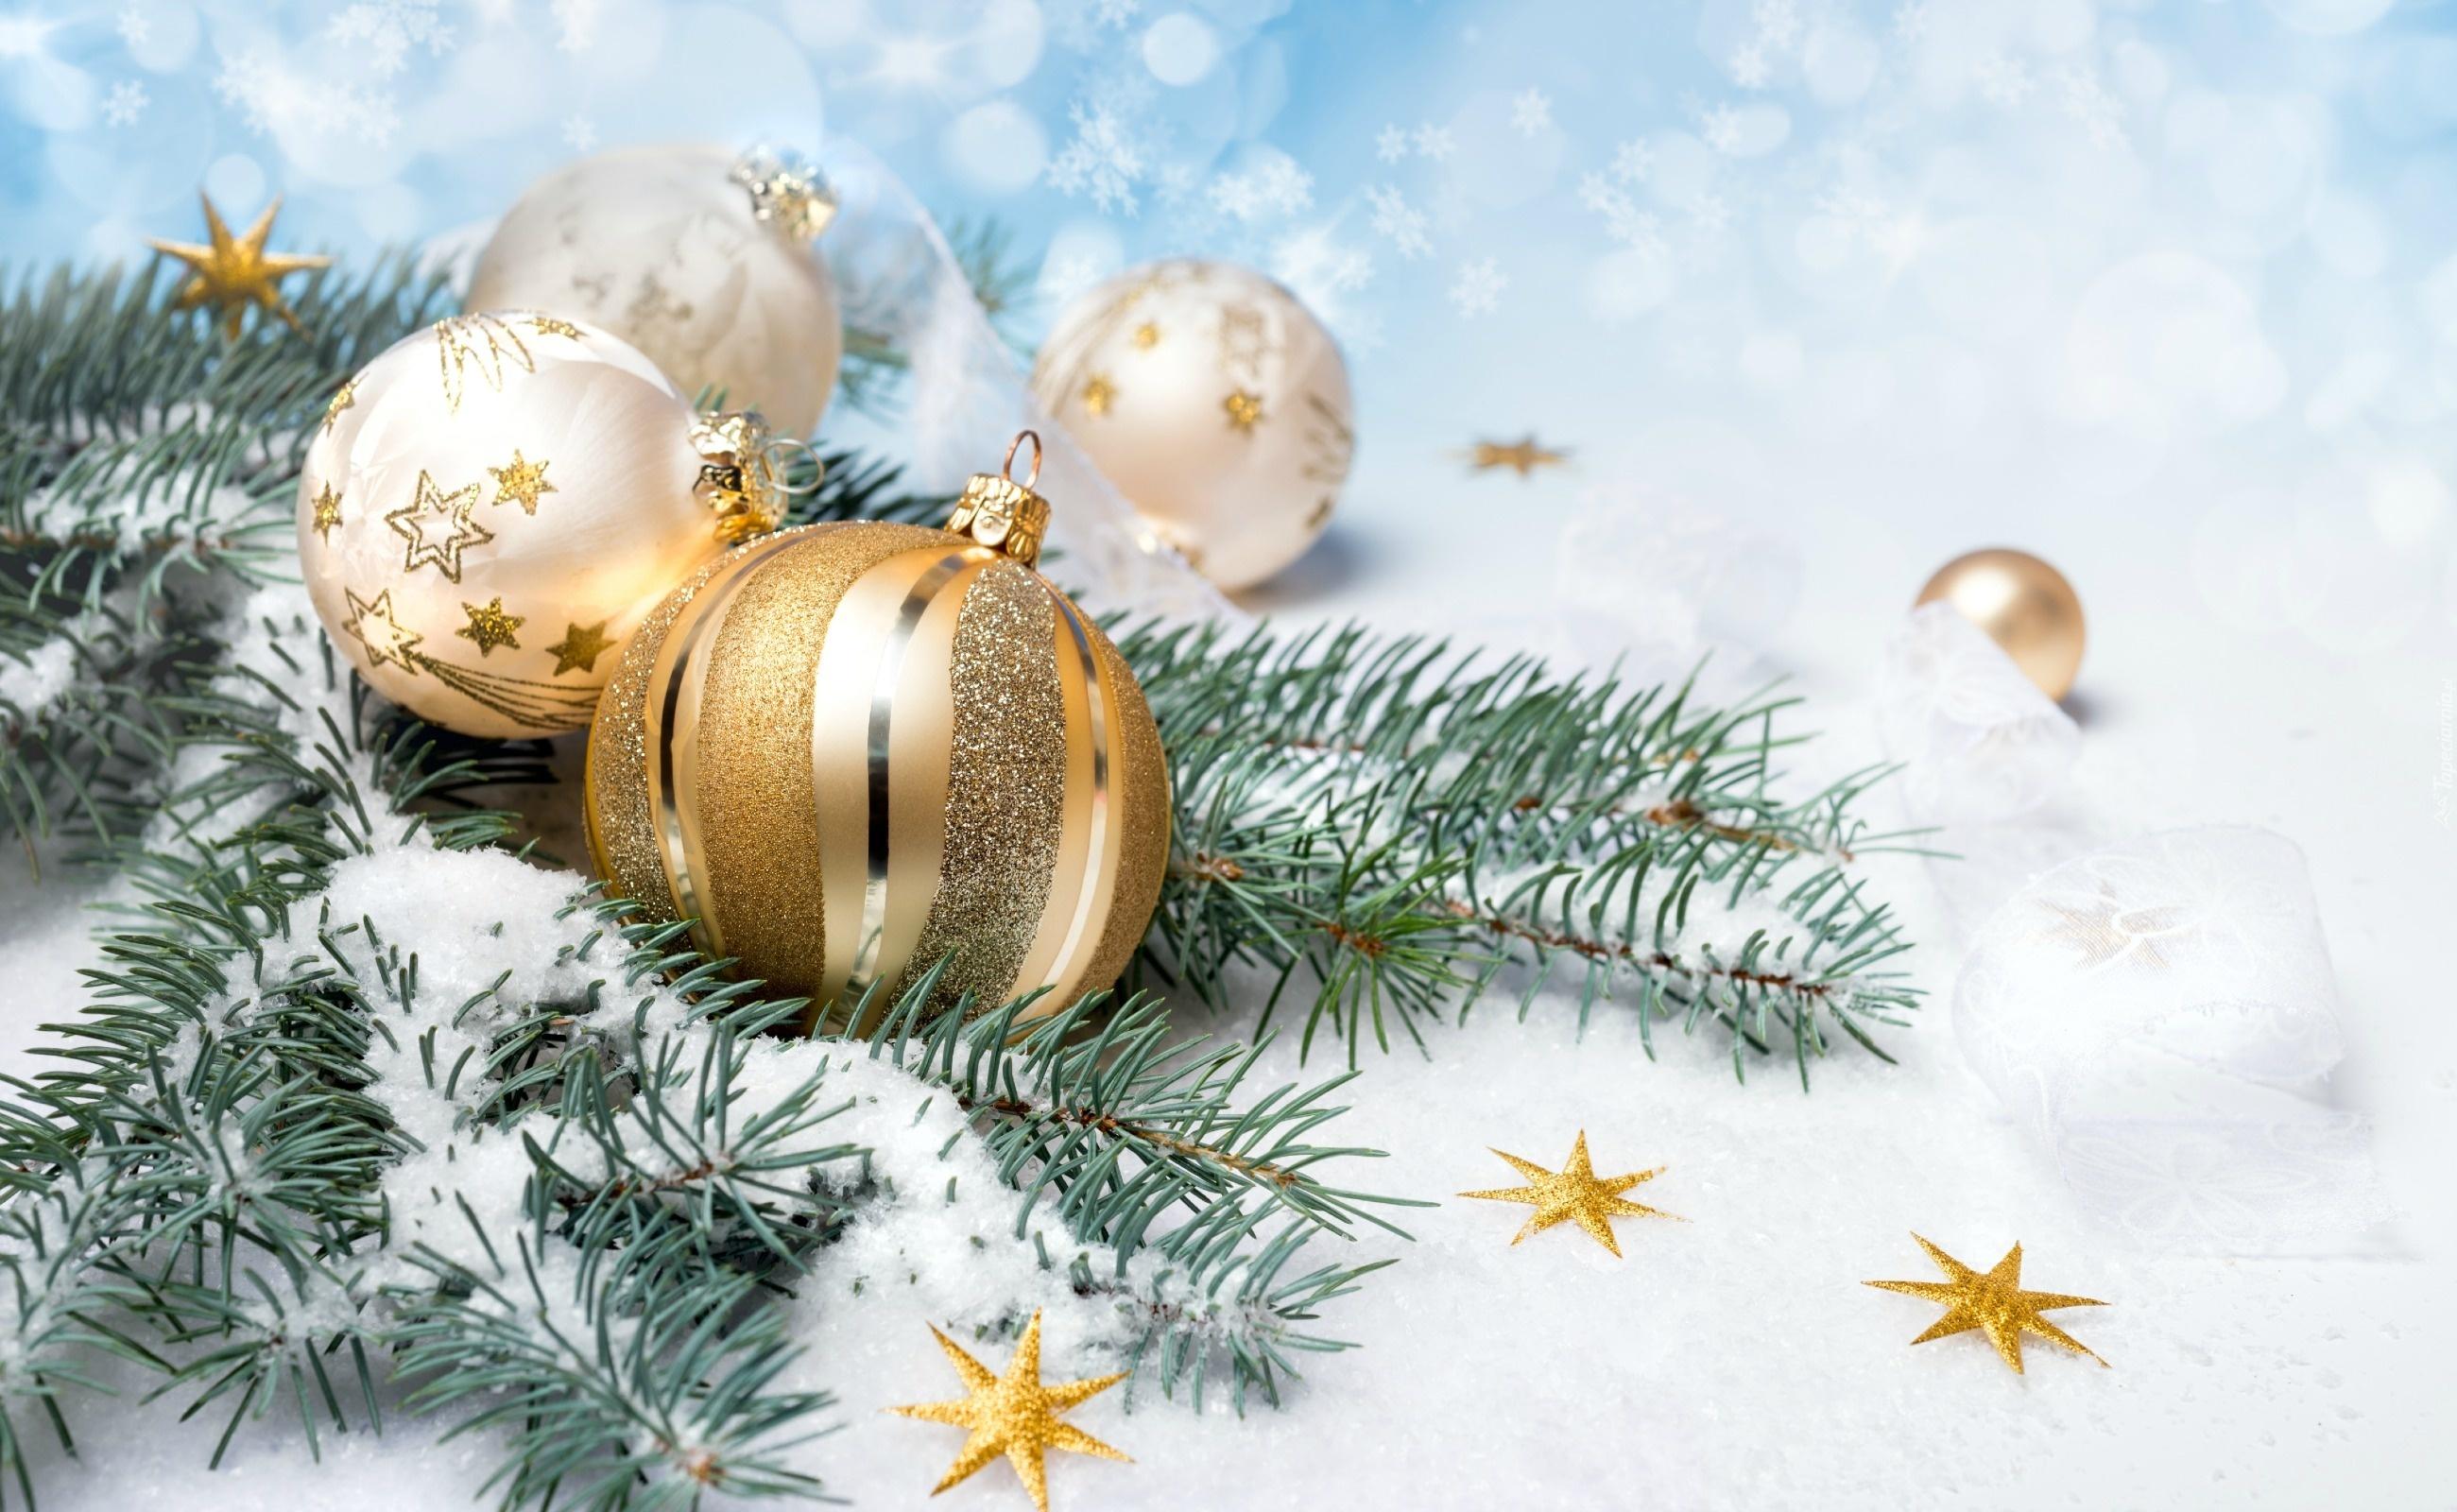 Стихи поздравления с рождеством христовым в стихах фото 750